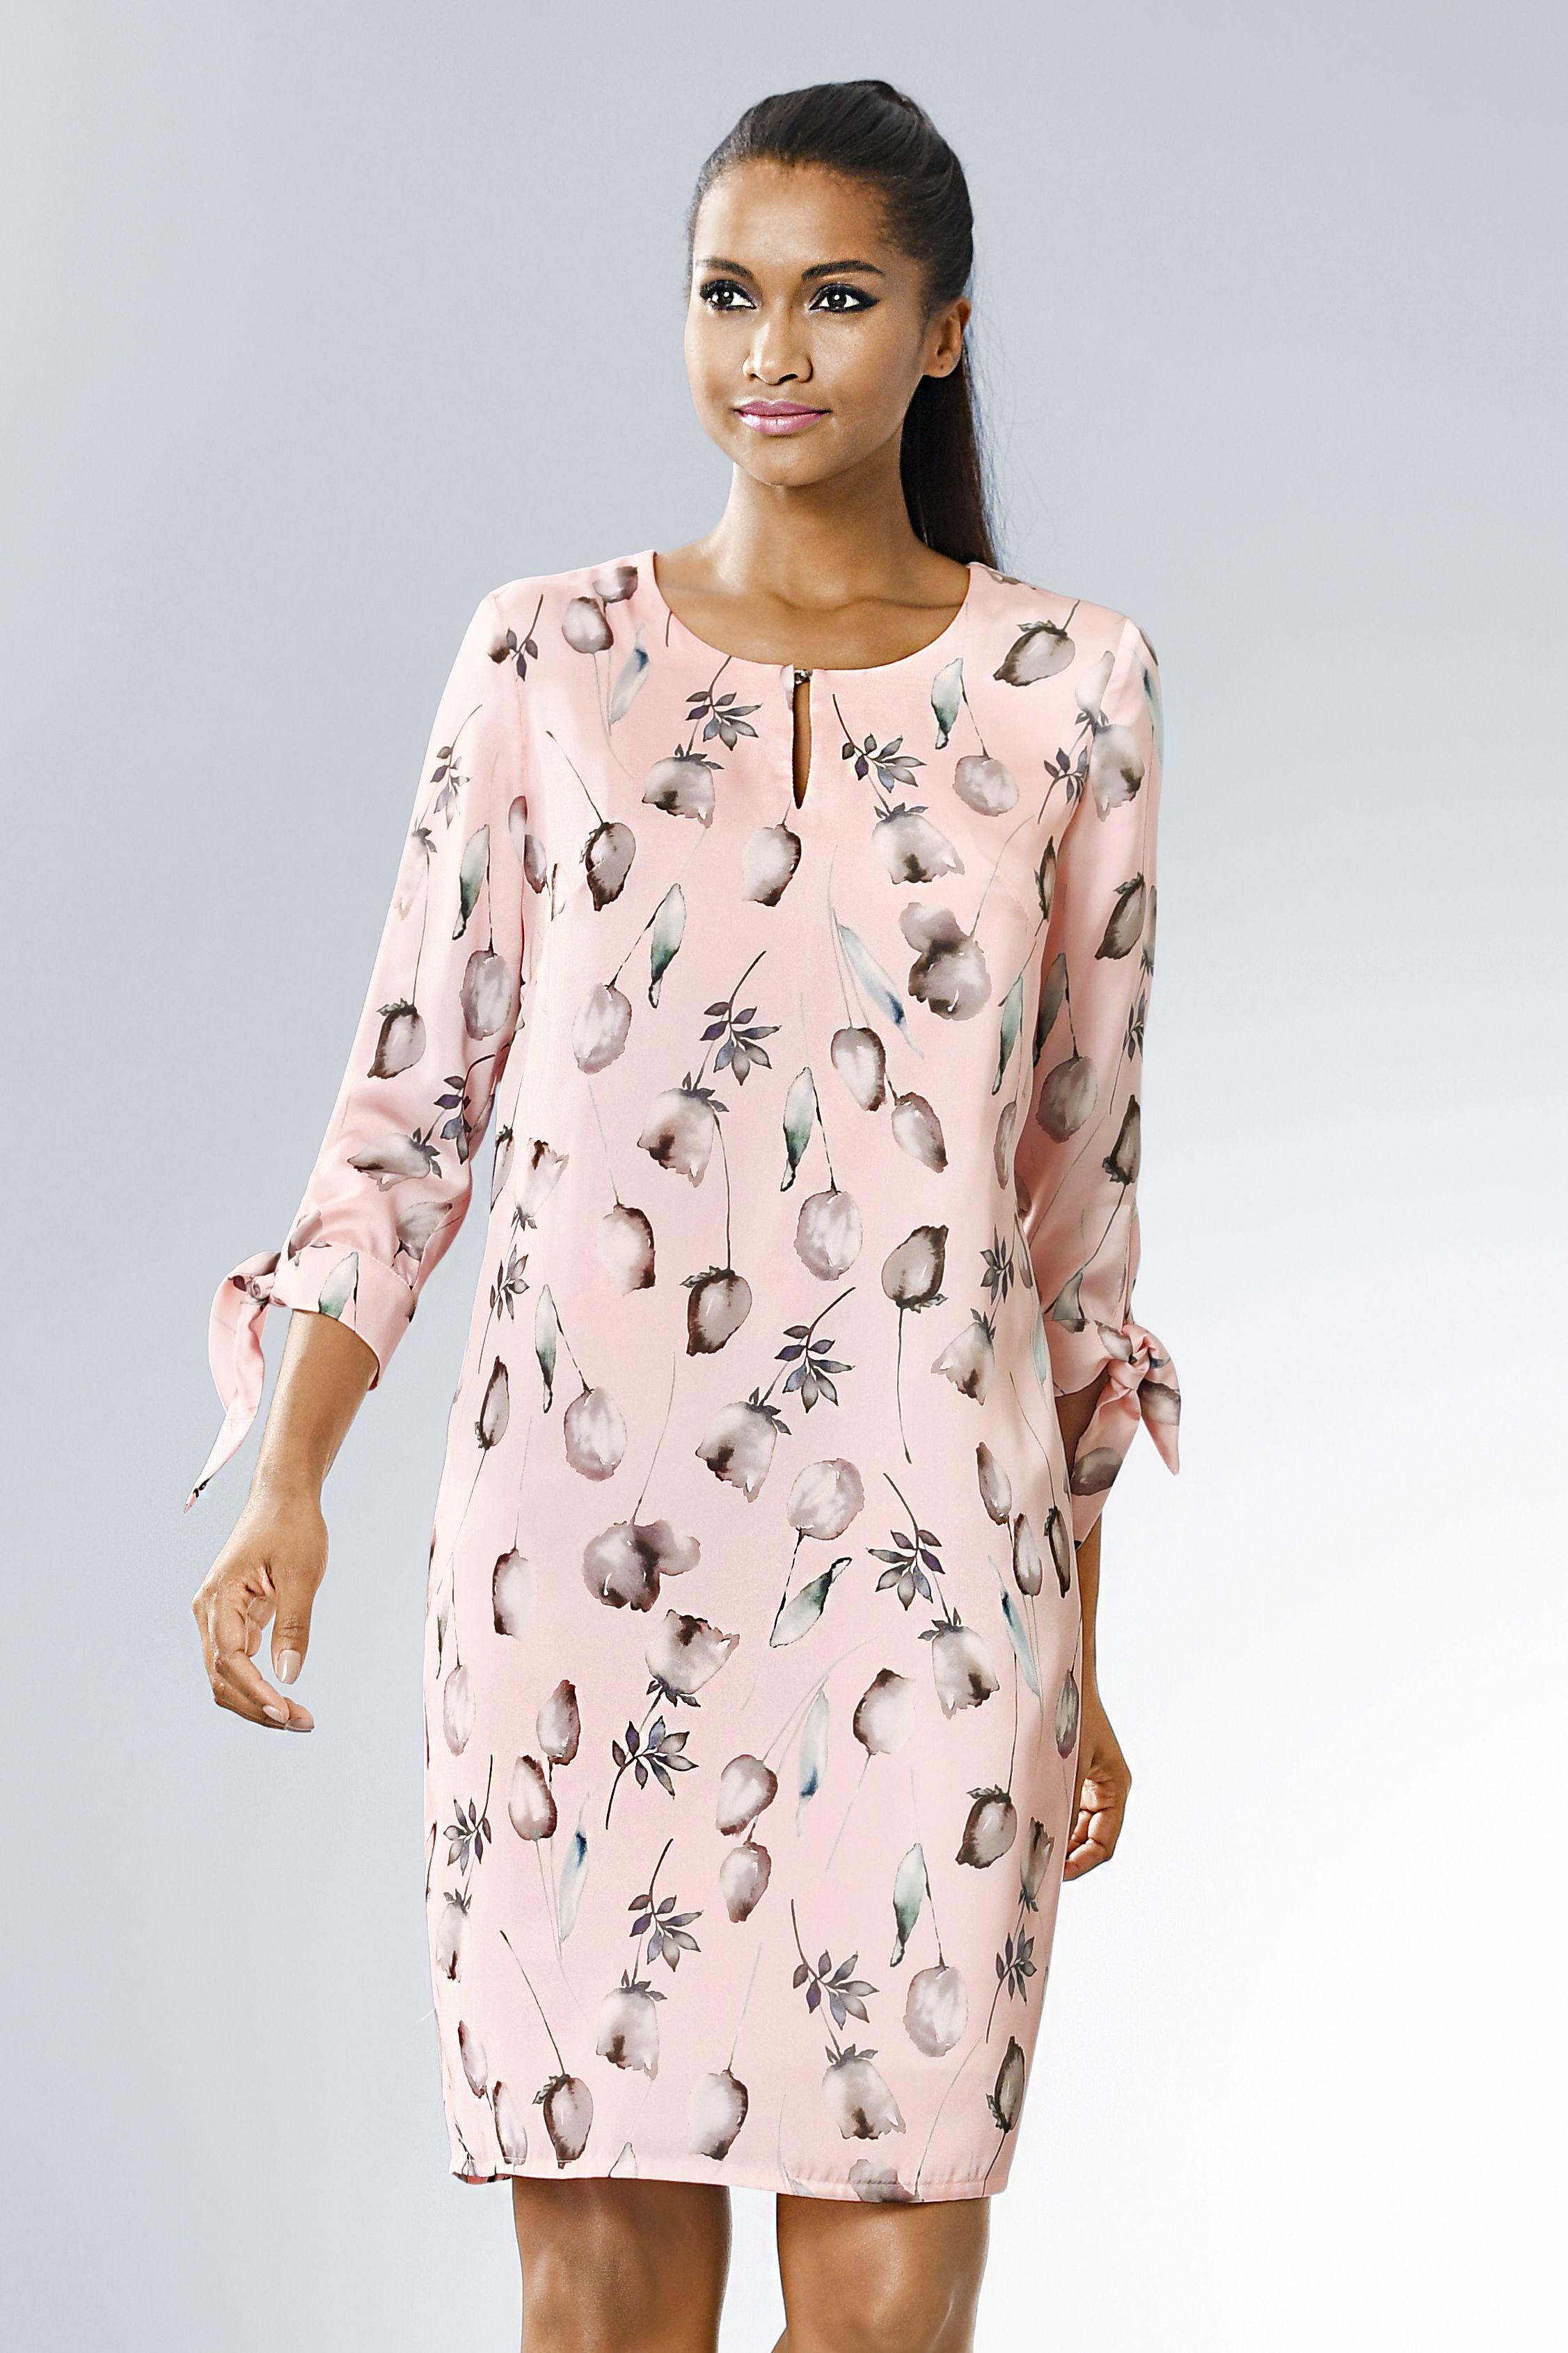 Süßes Alba Moda Kleid im floralen Muster aus soft fliessender